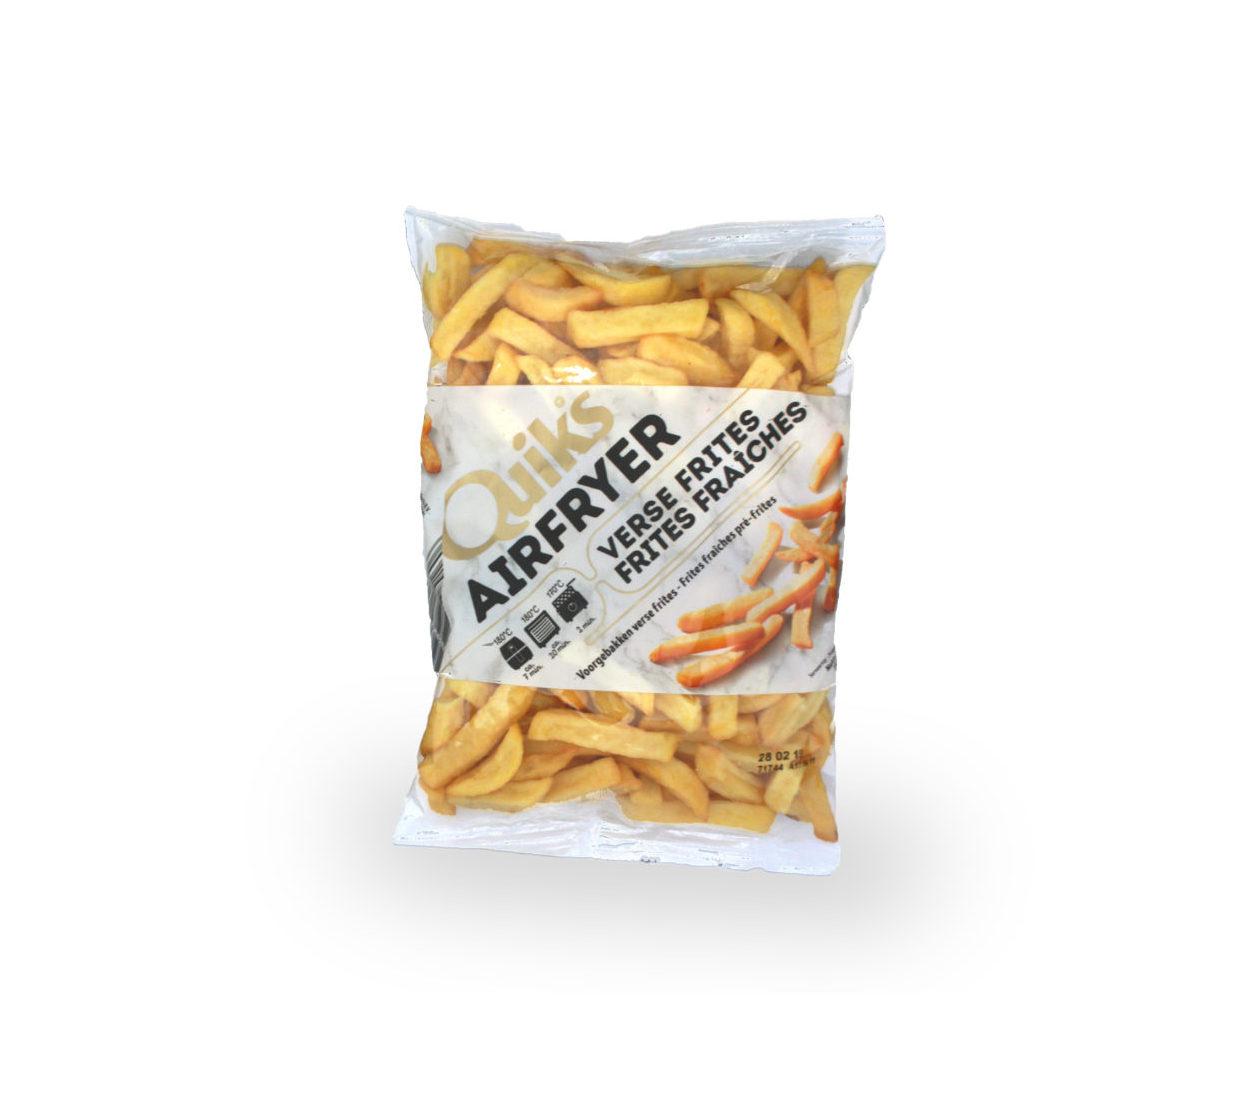 Quik's Airfryer Frites